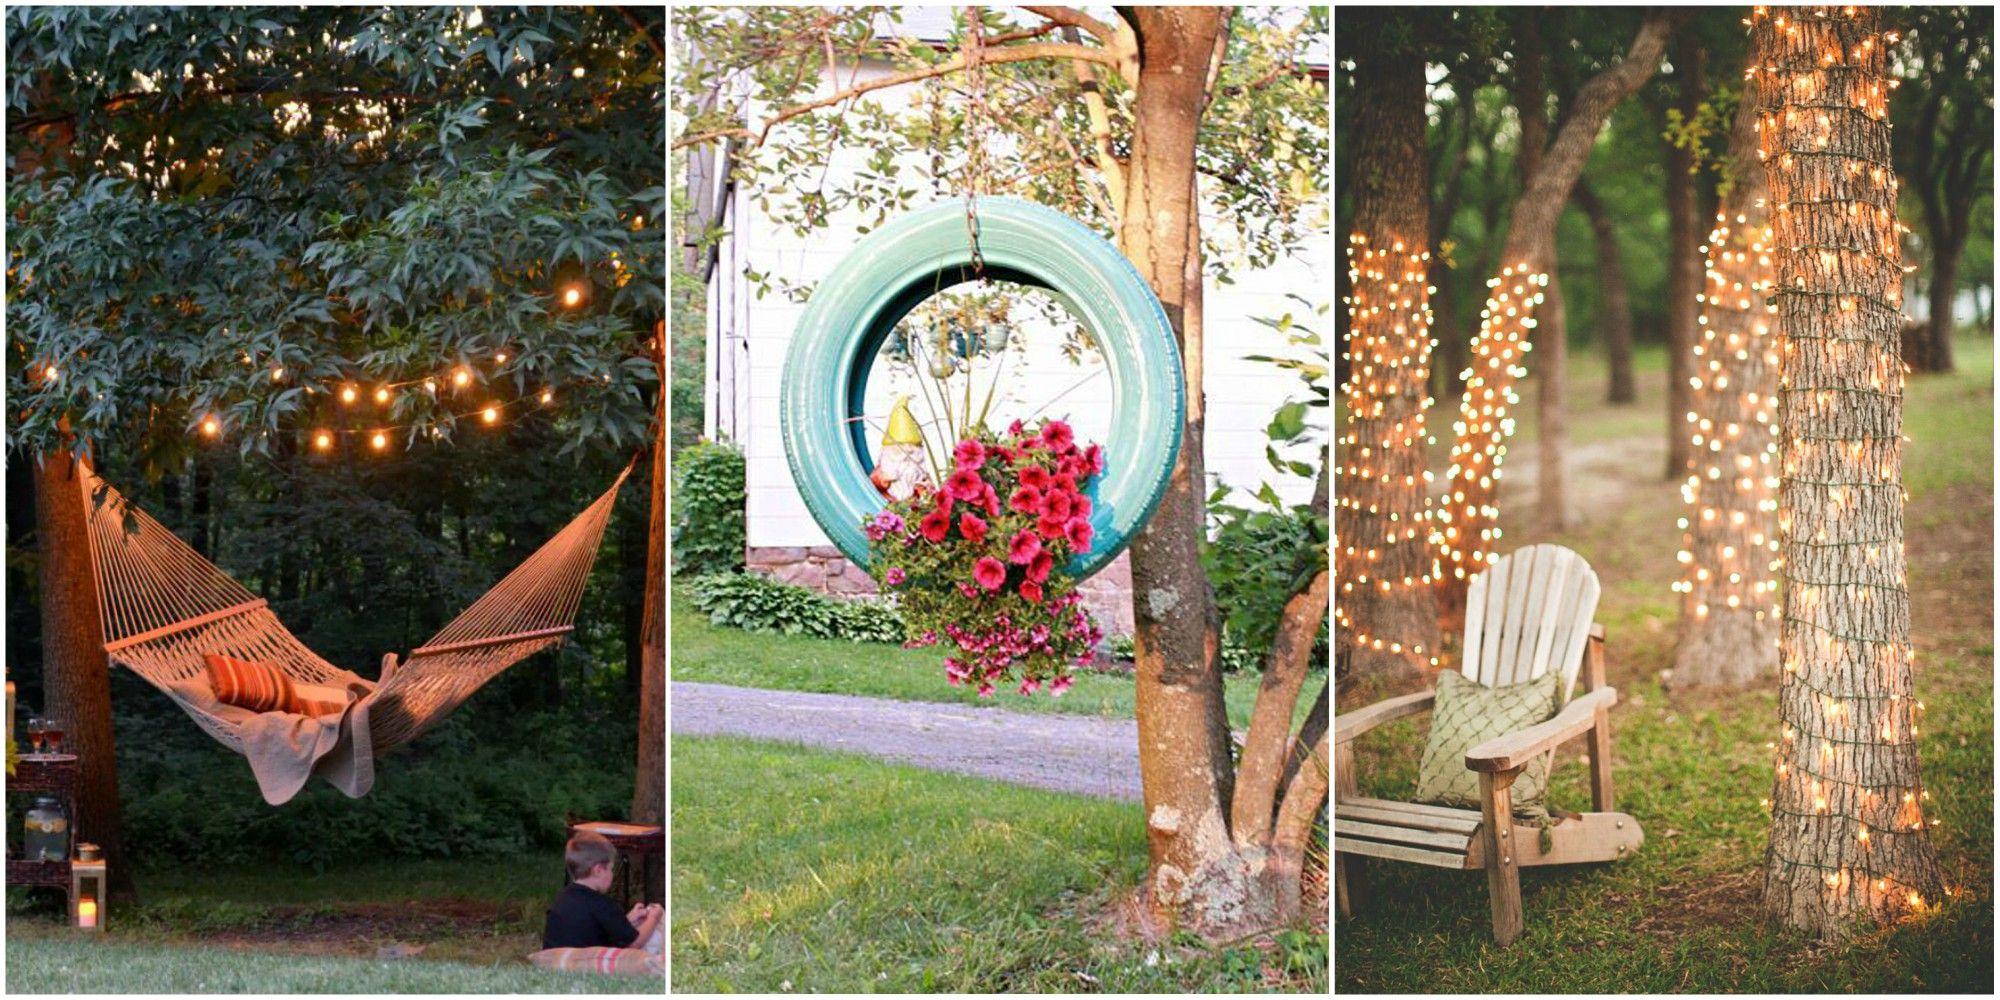 67 DIY Backyard Design Ideas